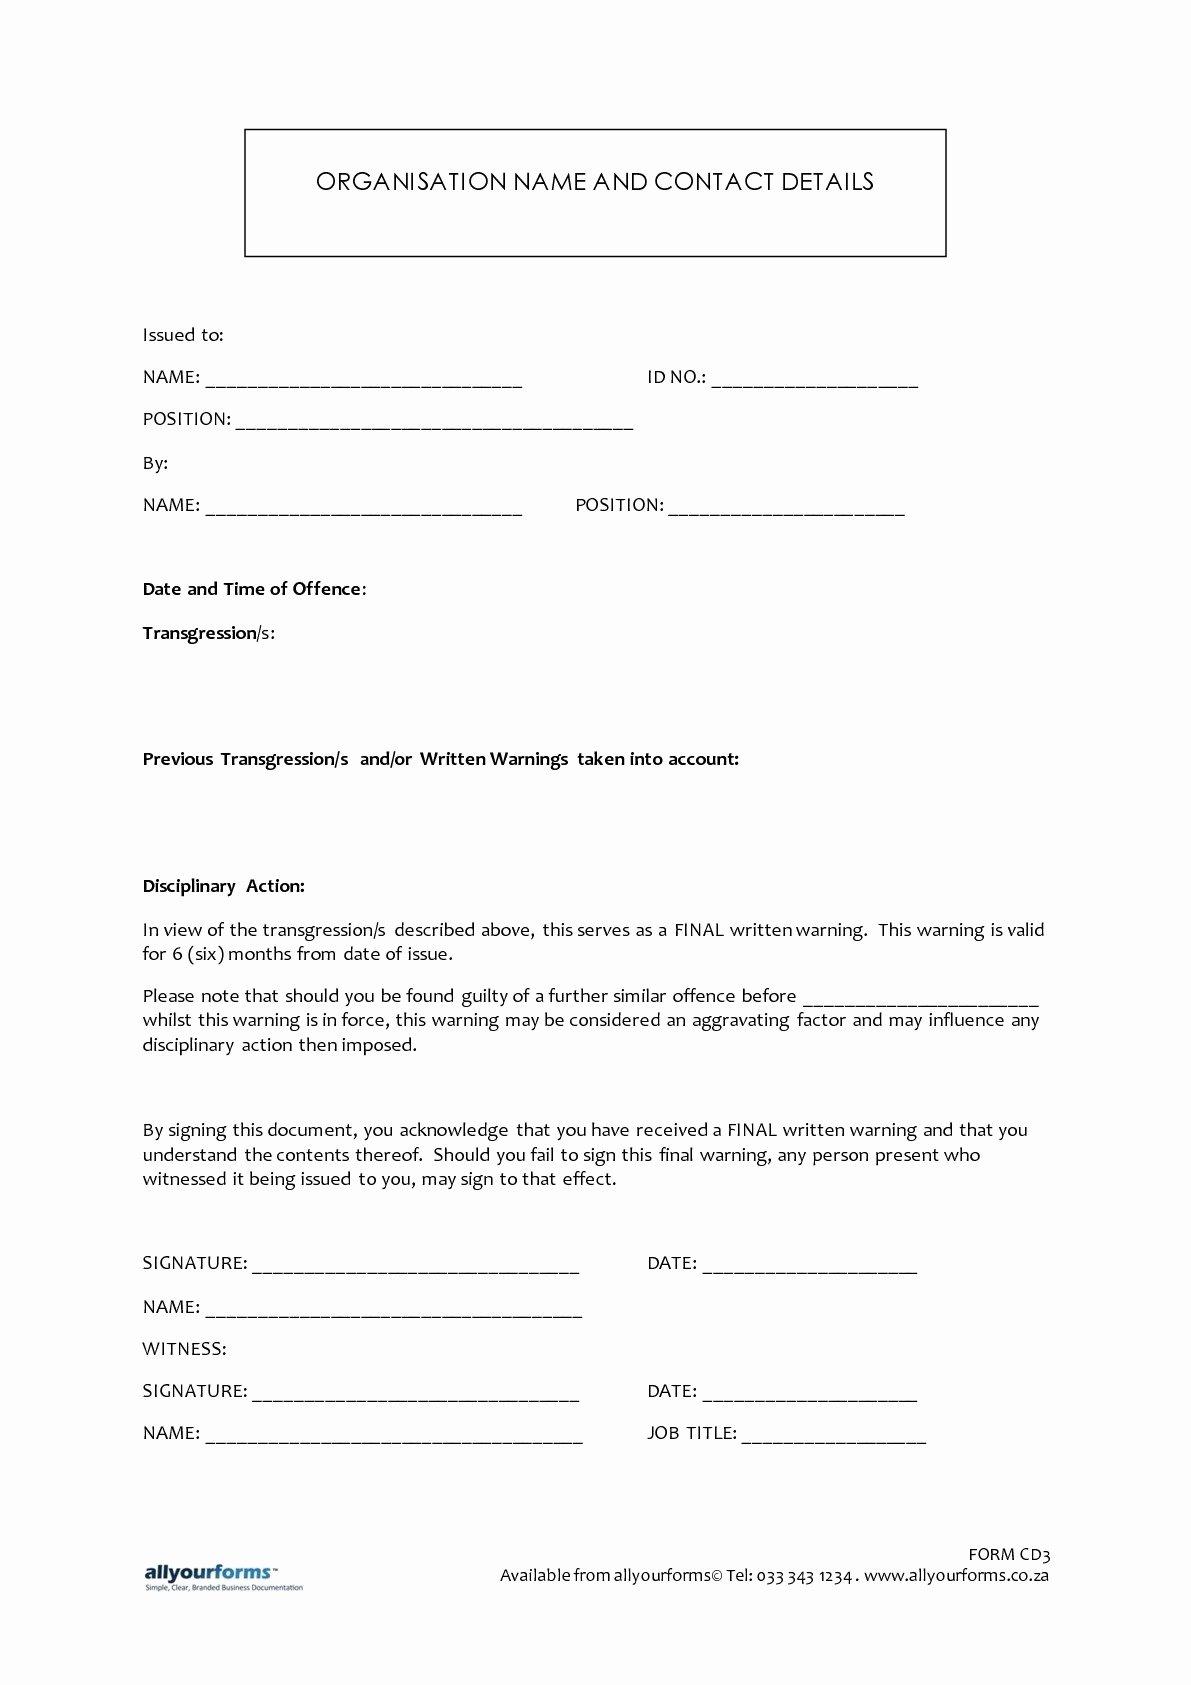 Employee Written Warning Template Free Inspirational Final Written Warning Letter to Employee